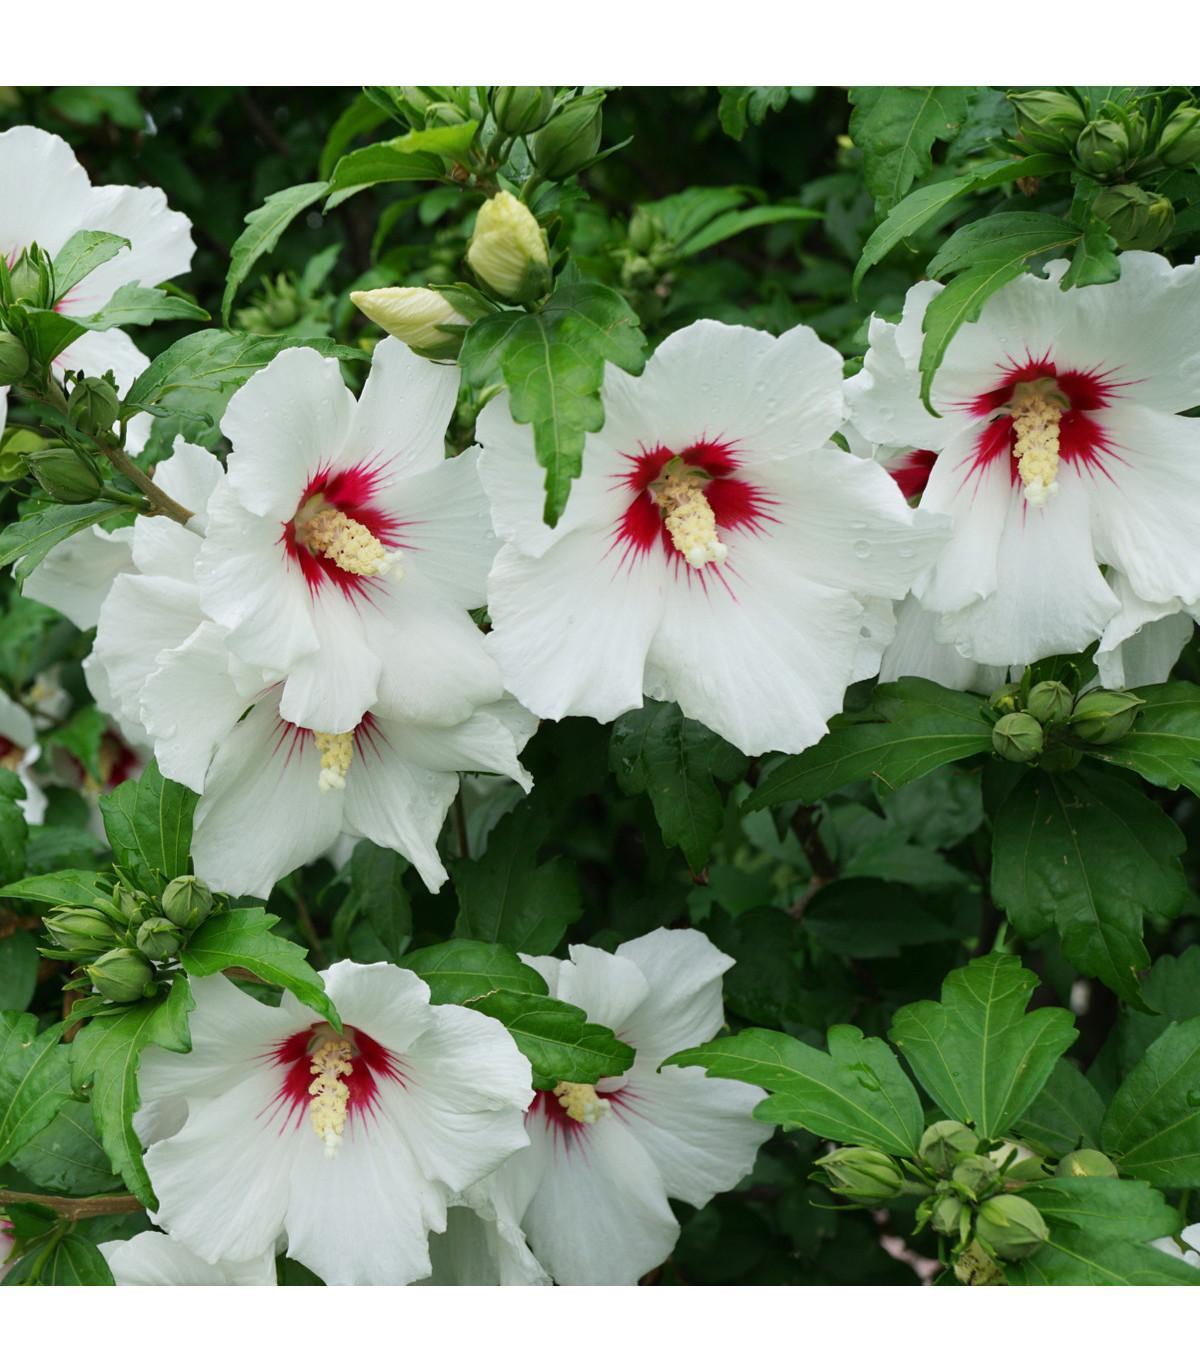 Ibišek syrský bílý - semínka Ibišku - Hibiscus syriacus - 12 ks